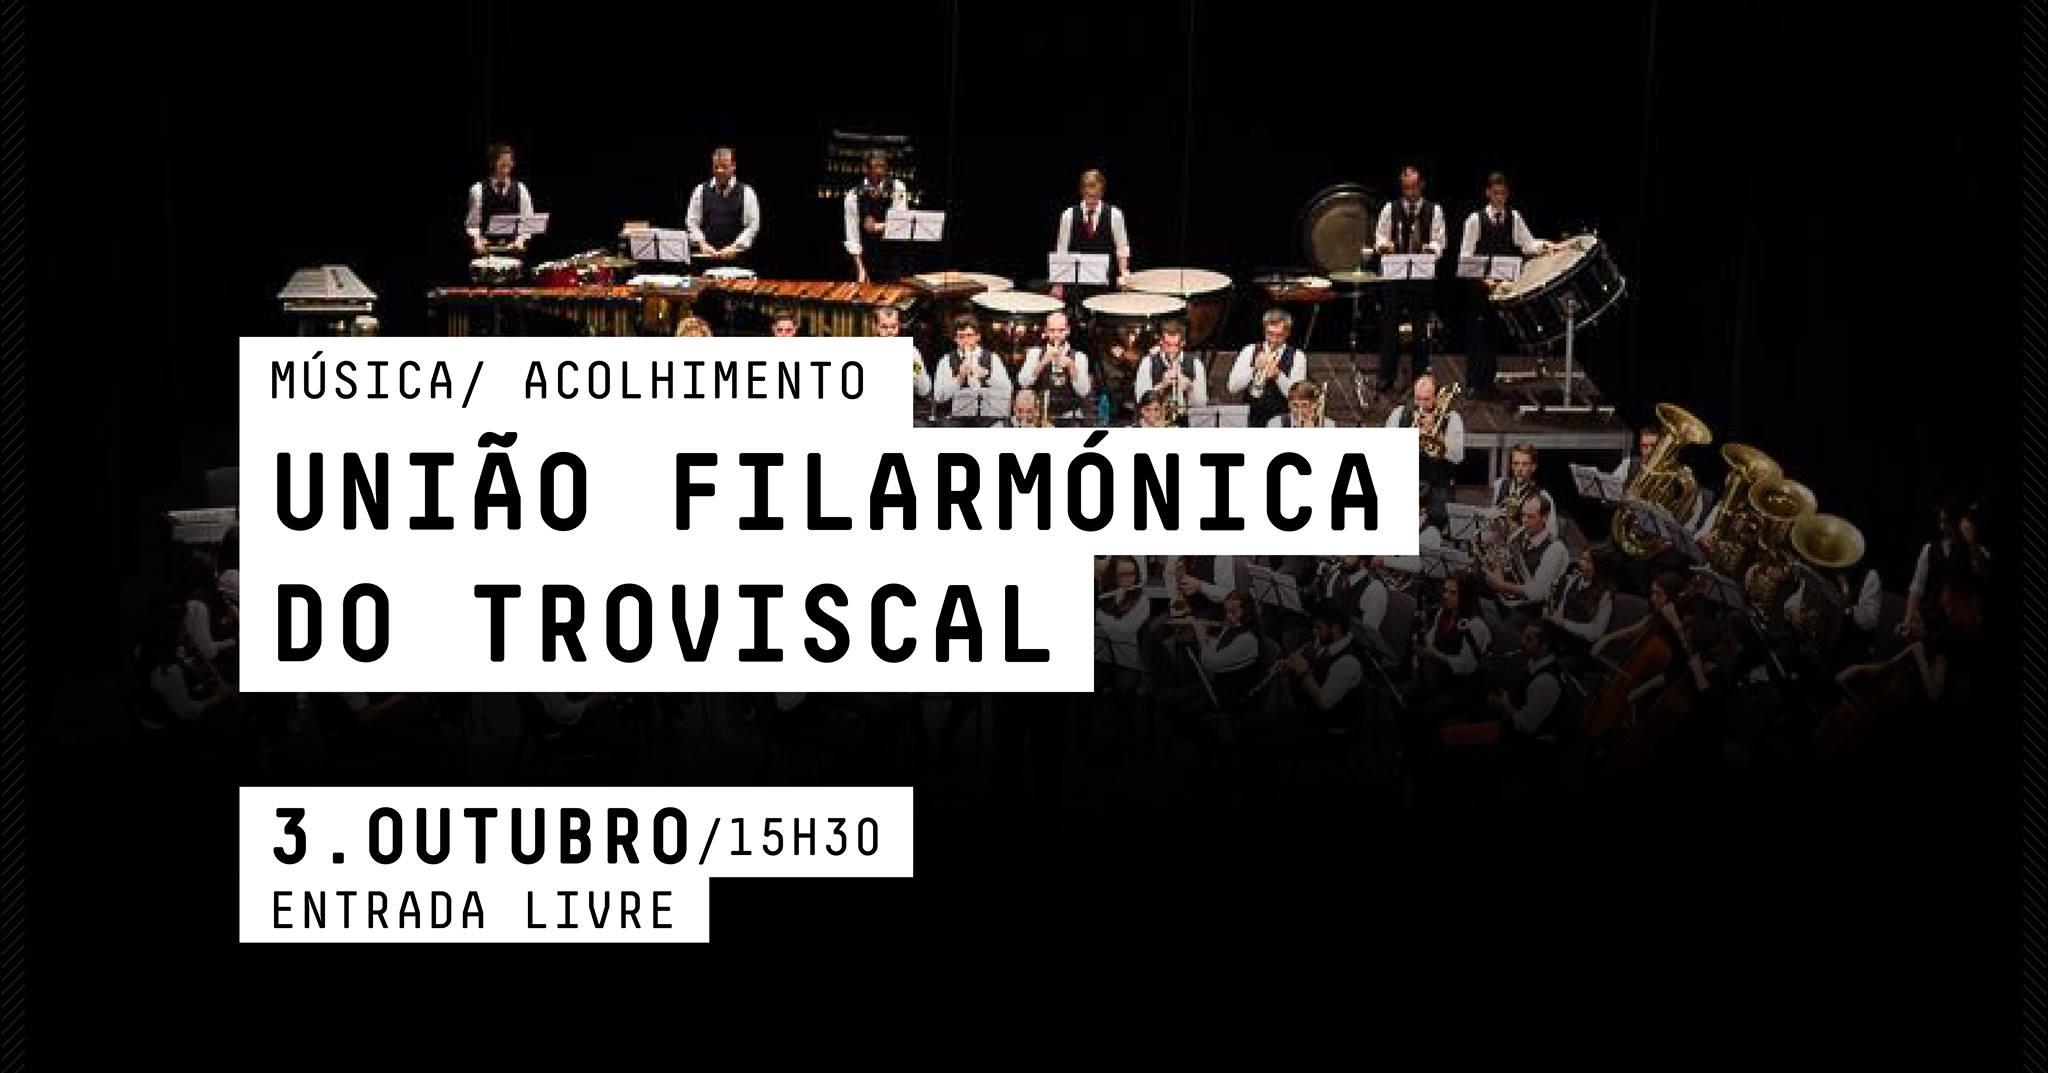 UNIÃO FILARMÓNICA DO TROVISCAL ACOLHIMENTO / MÚSICA